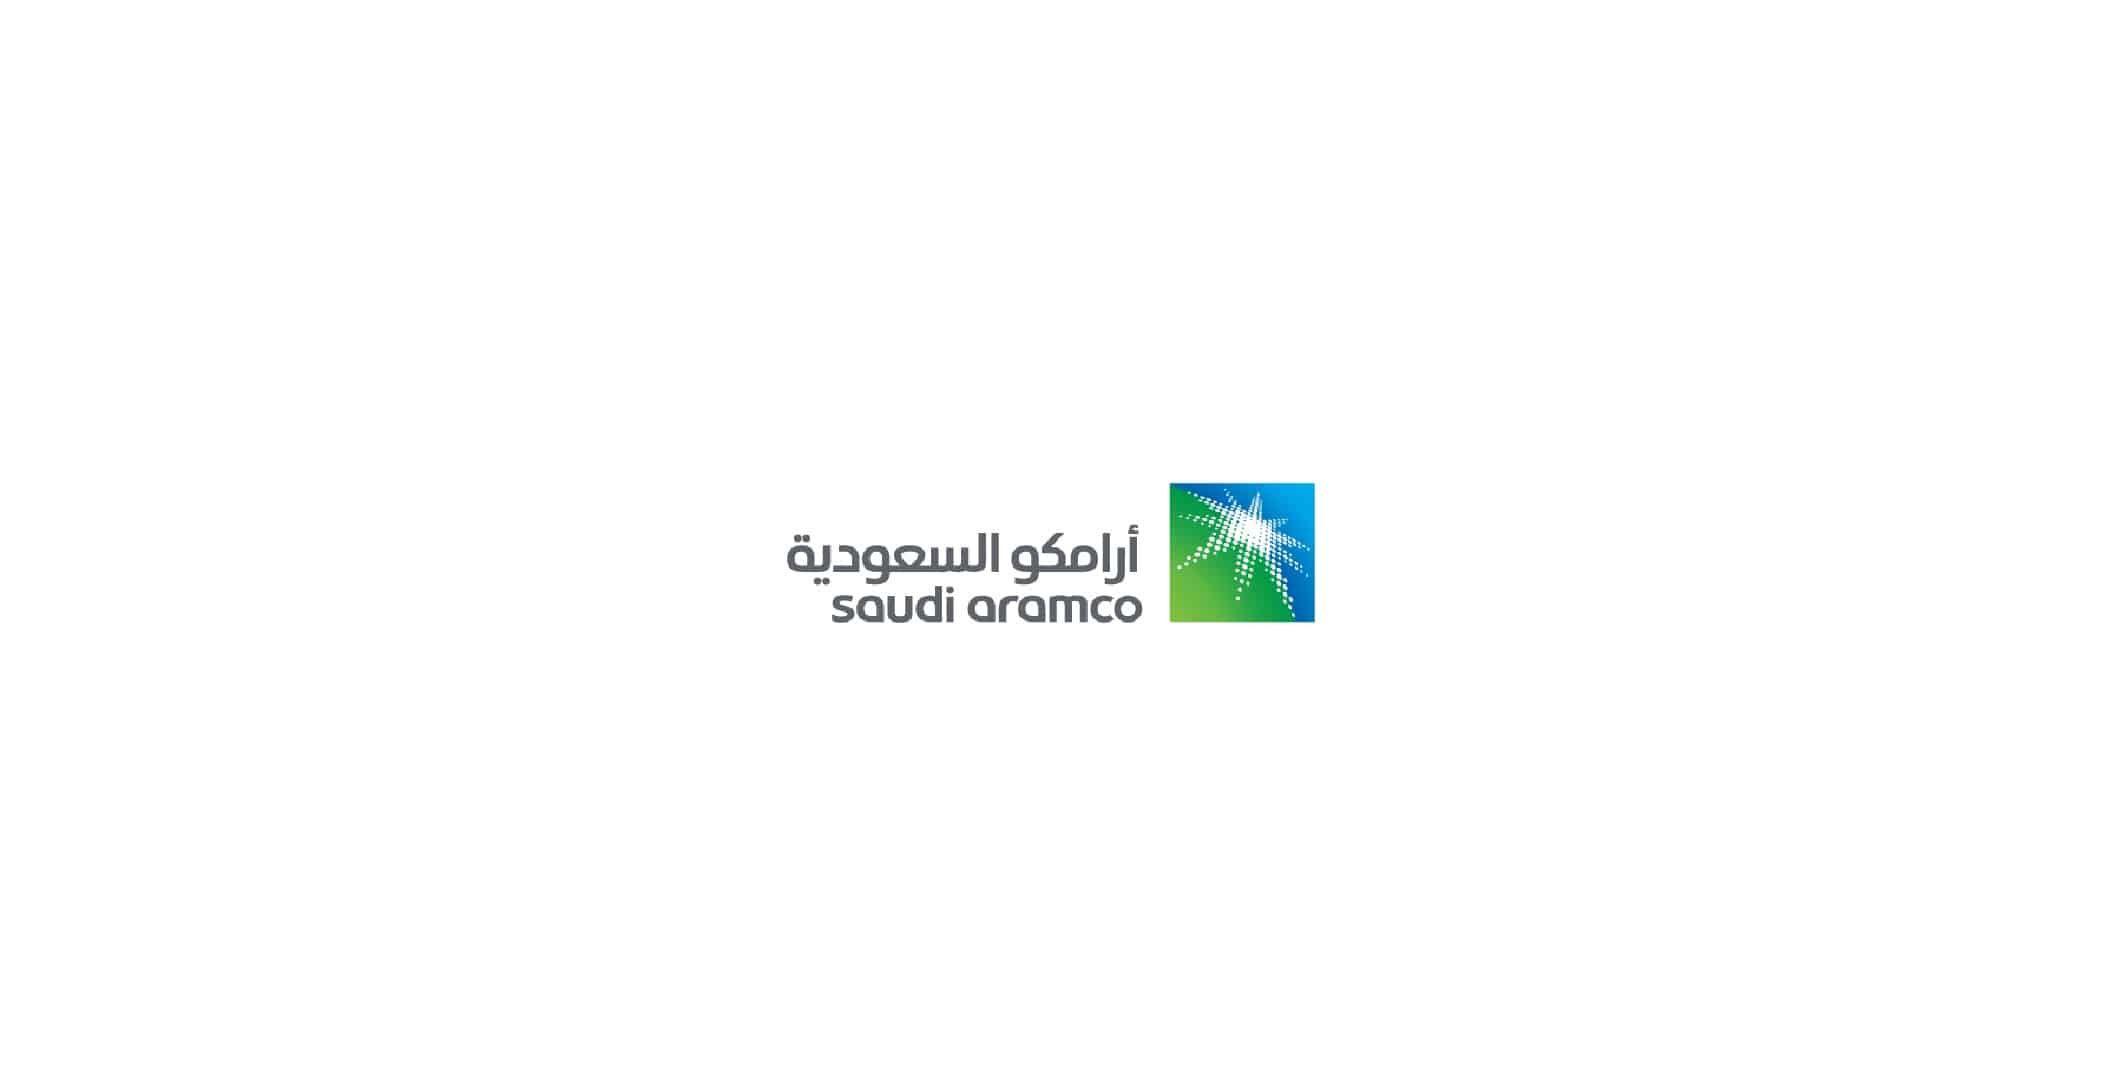 شركة أرامكو السعودية تعلن عن فتح باب القبول والتسجيل في برنامج التدريب المهني 2021 Job